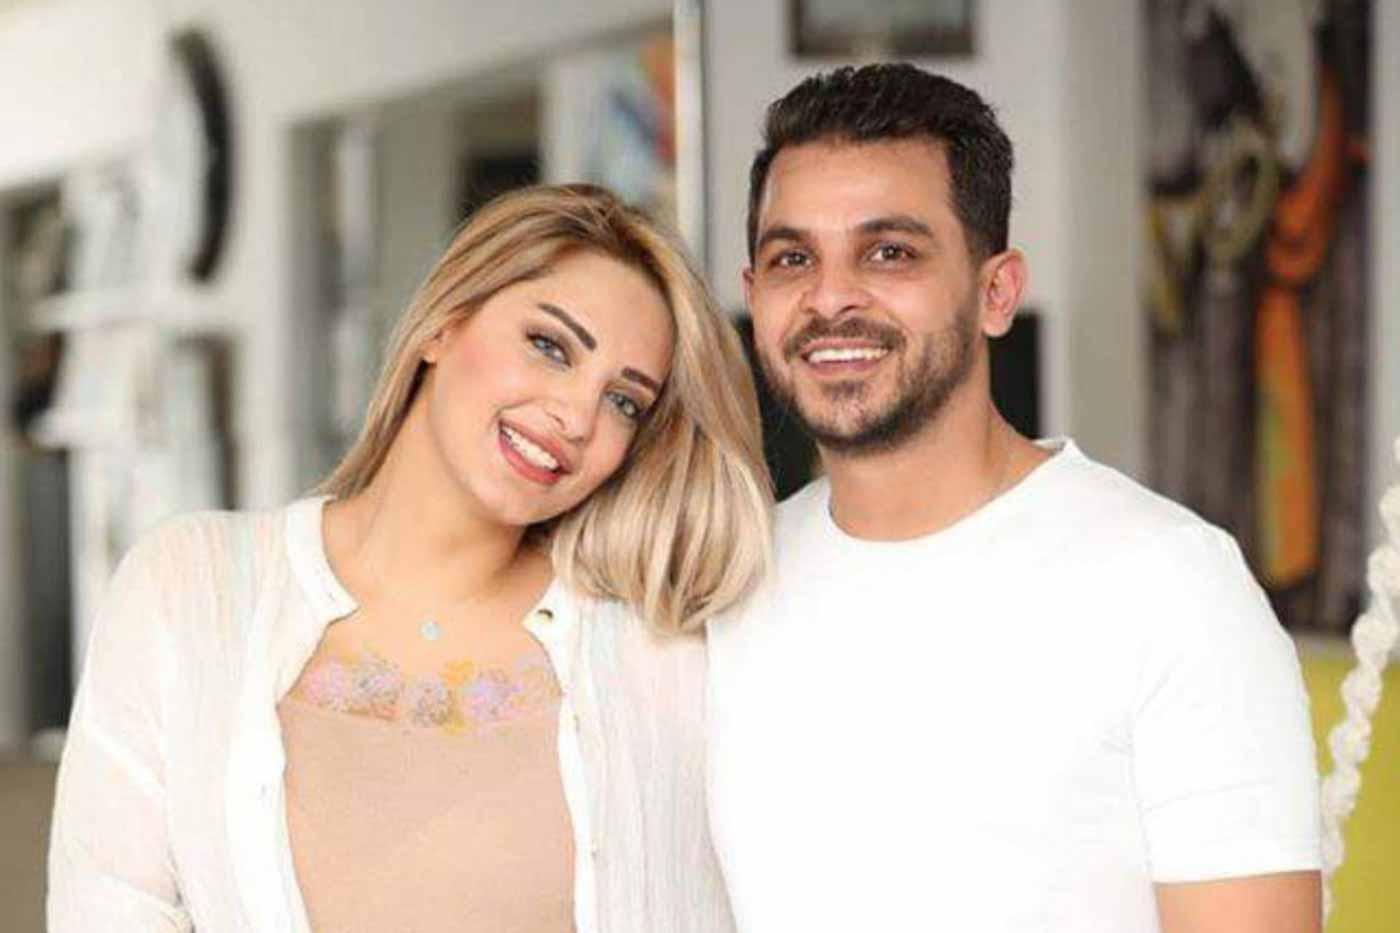 طليقة الفنان محمد رشاد: لهذا السبب حاولت الانتحار